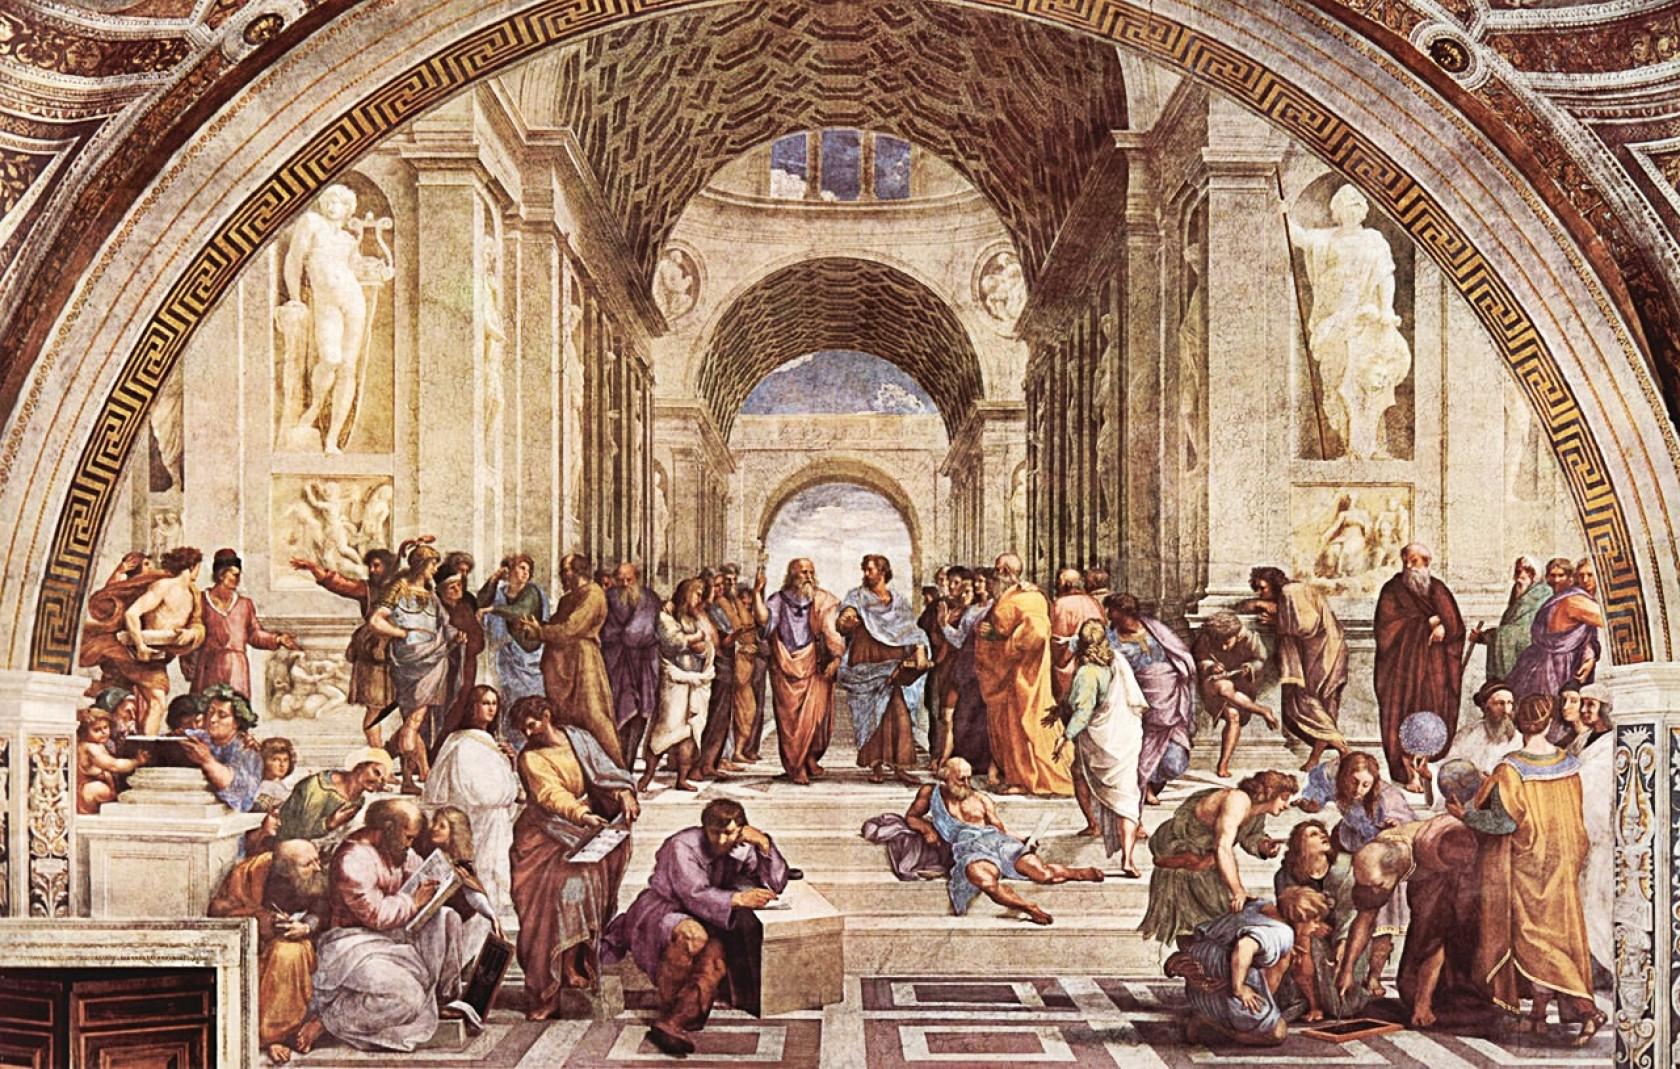 LİSE EĞİTİMİNDE ALAN SEÇİMİYLE KENDİ GELECEĞİNİZE KARAR VERİN: İTALYA